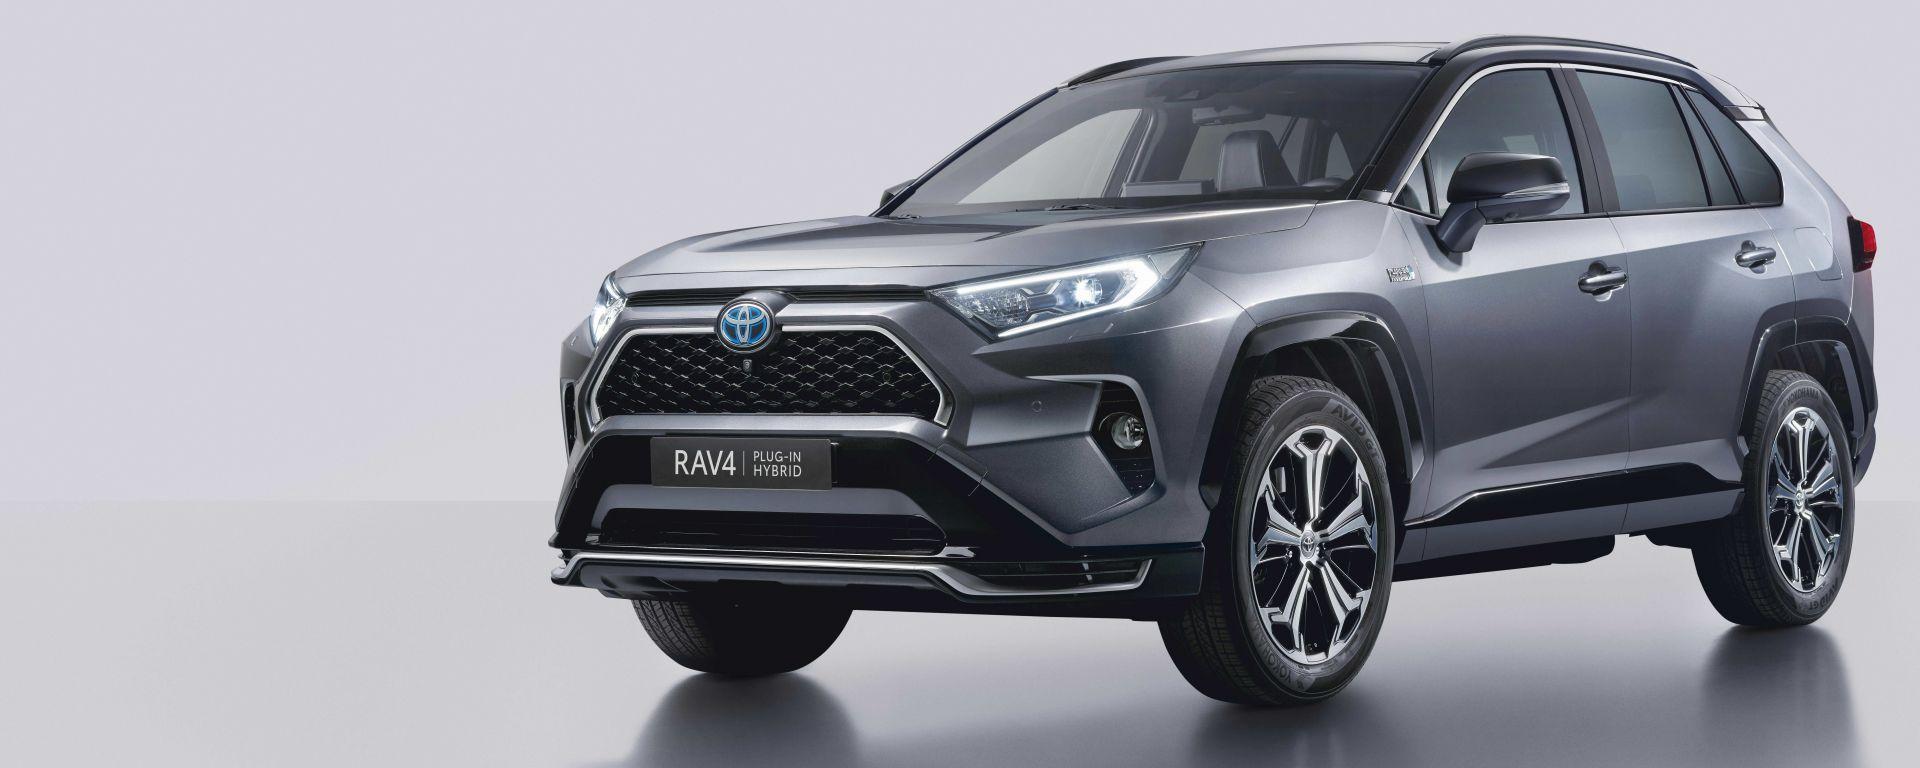 Nuova Toyota RAV4 Plug-in Hybrid